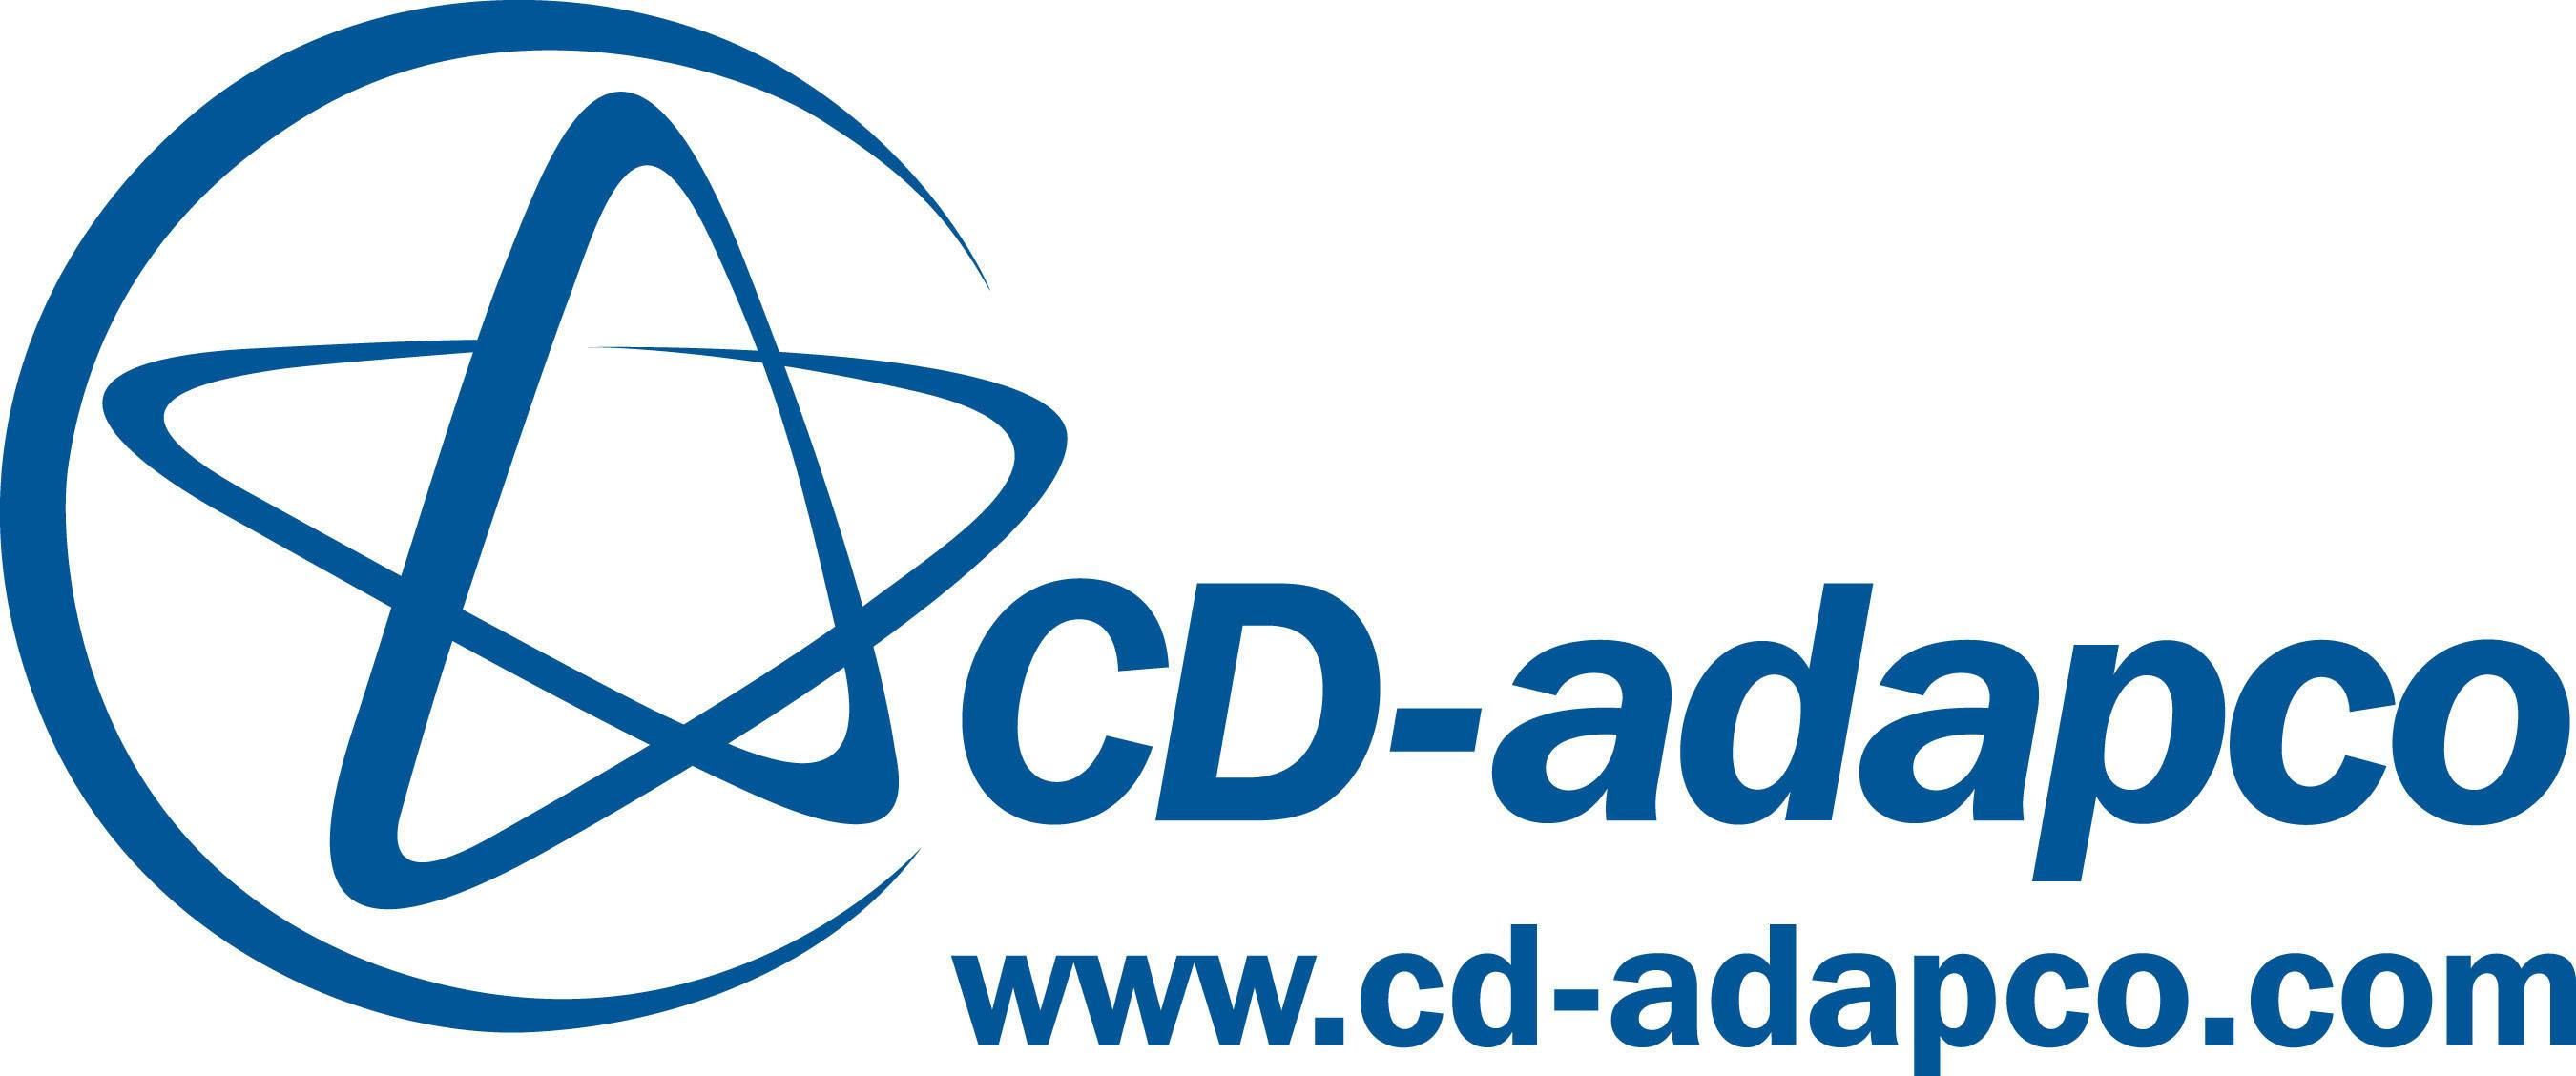 STAR-CCM+ v9.06 von CD-adapco hat naturgetreue Darstellung als Schwerpunkt